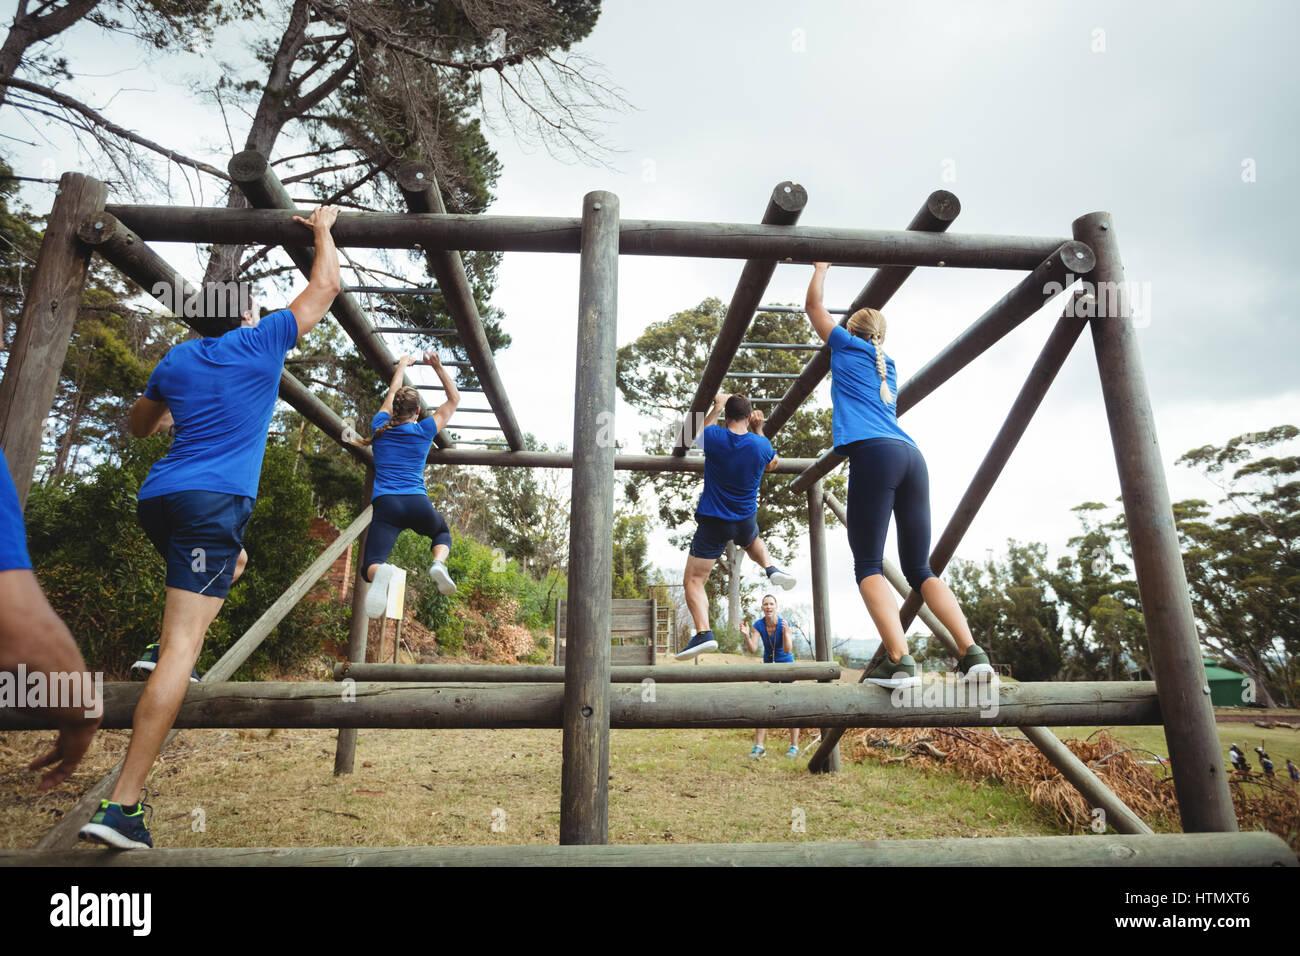 Klettergerüst Monkey Bar : Rückansicht des fit menschen klettern klettergerüst im bootcamp